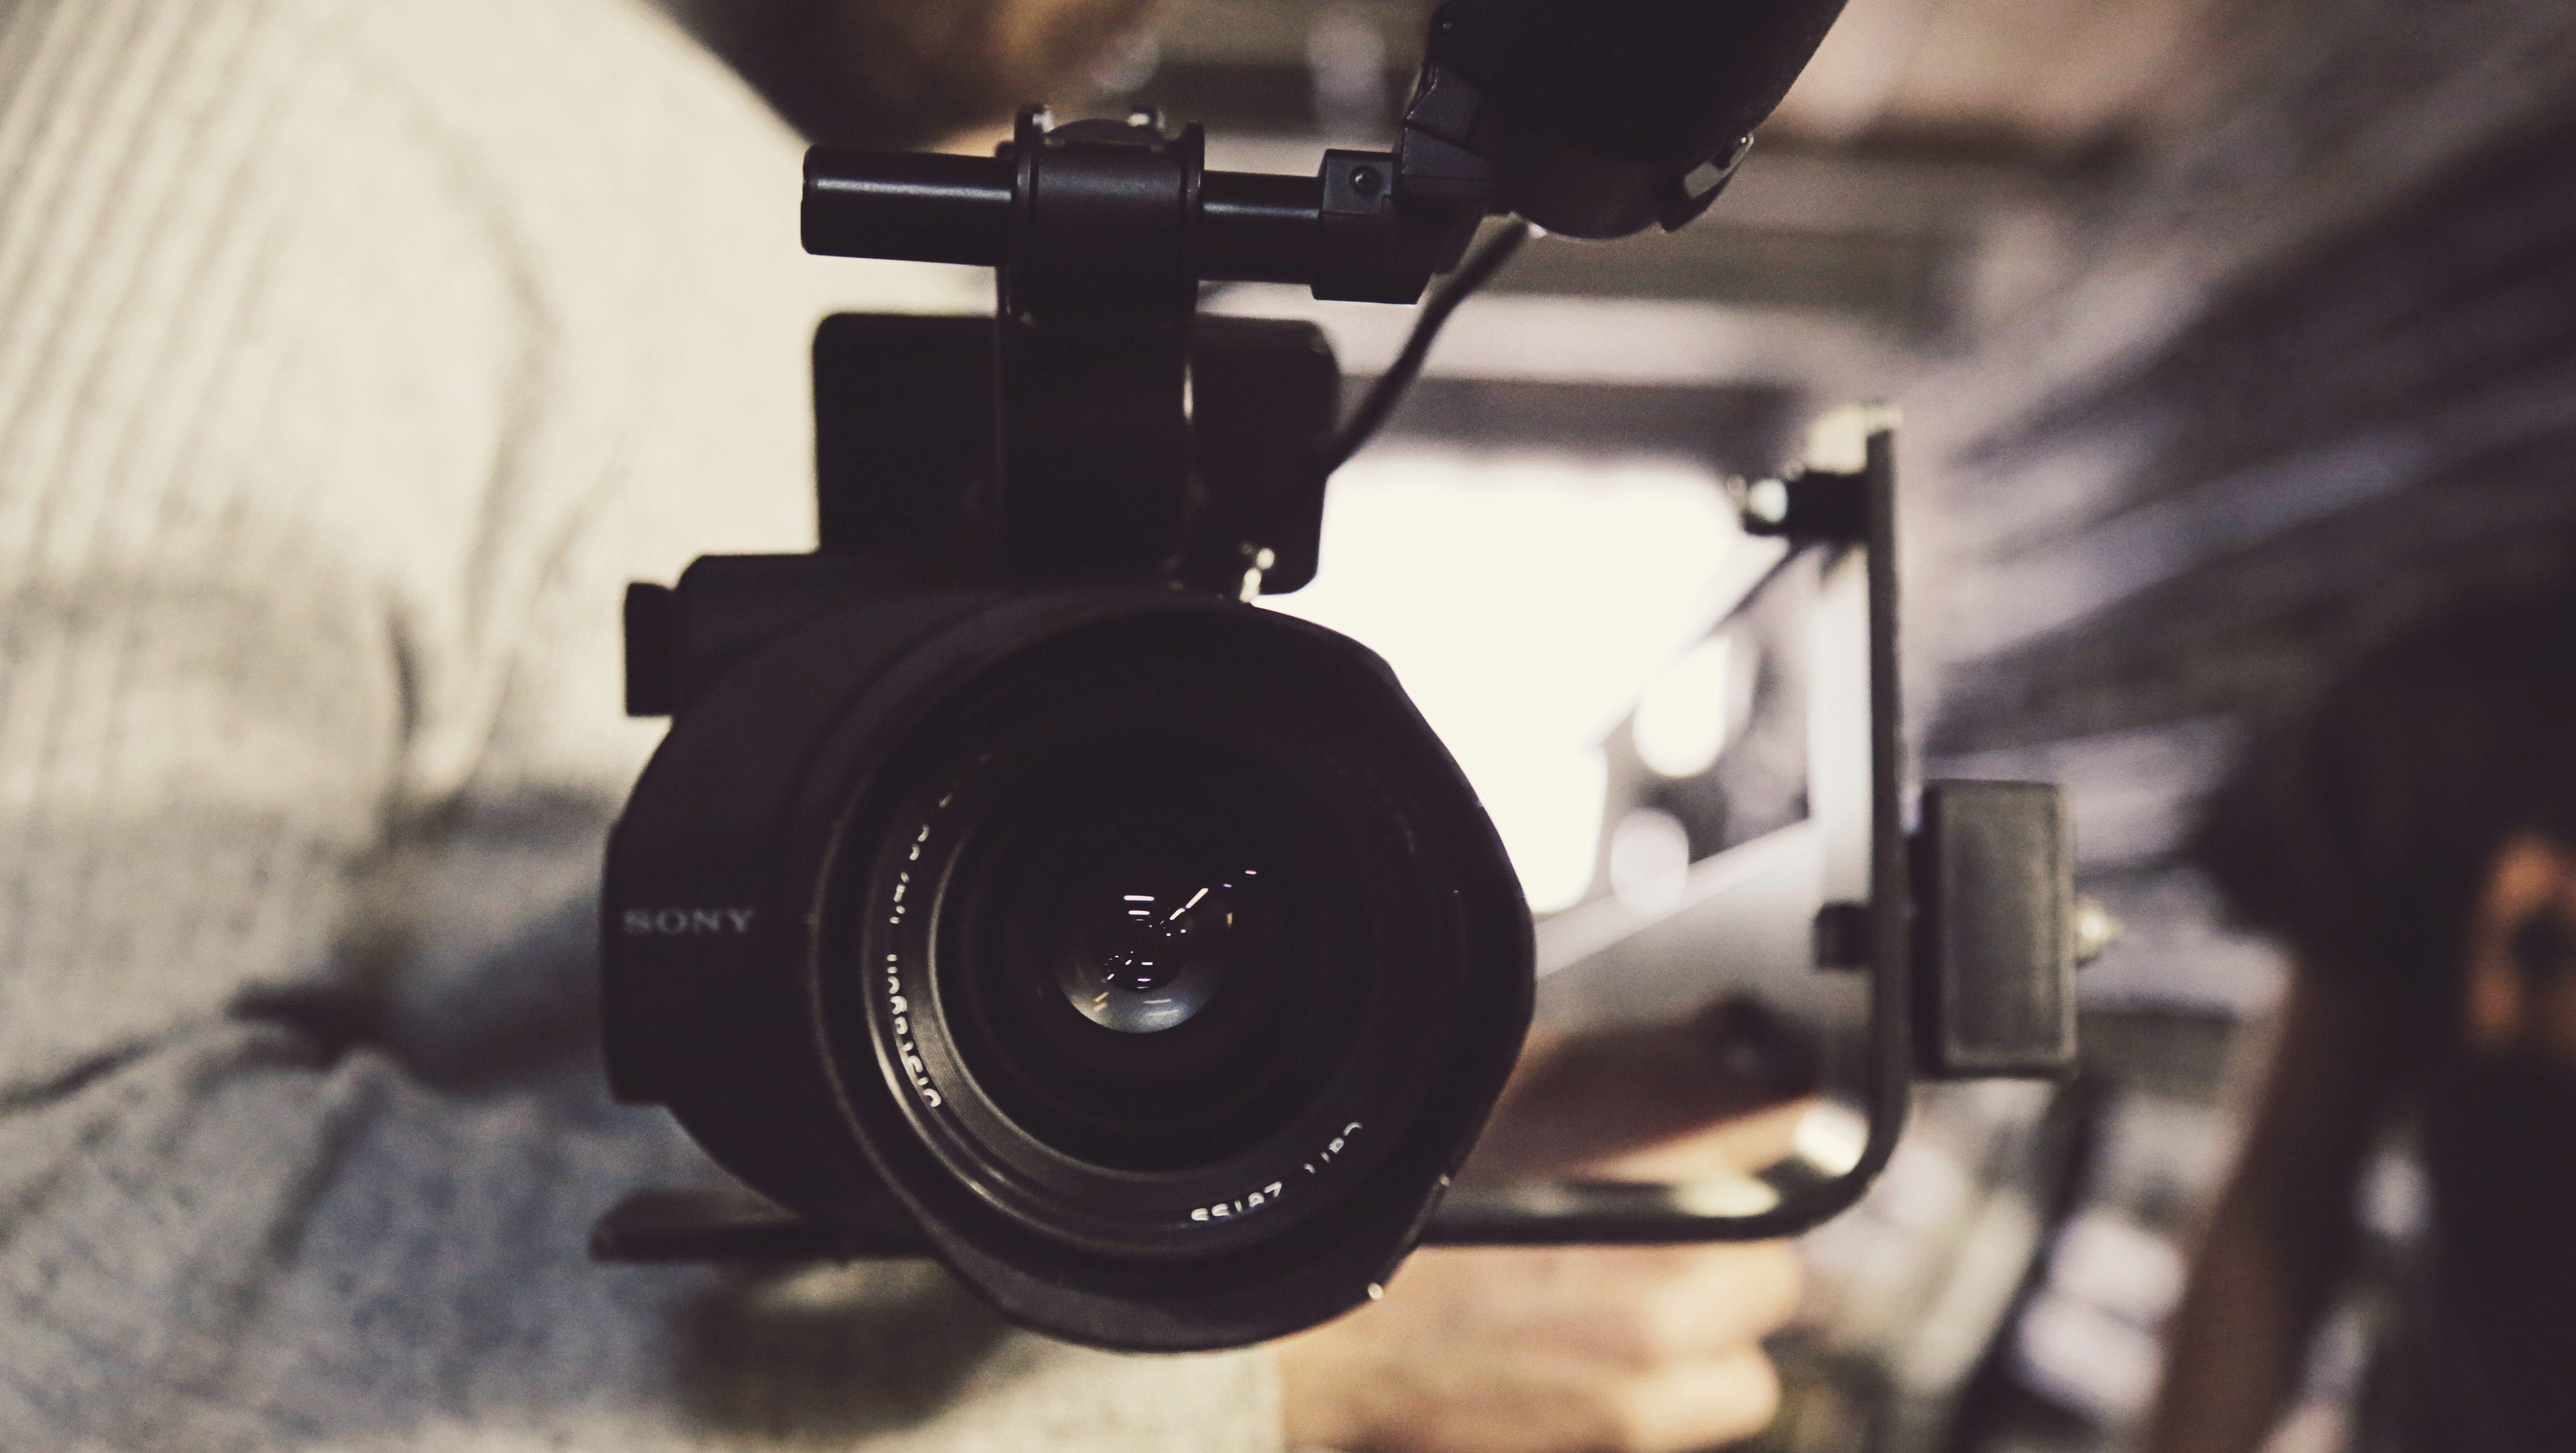 A video camera.